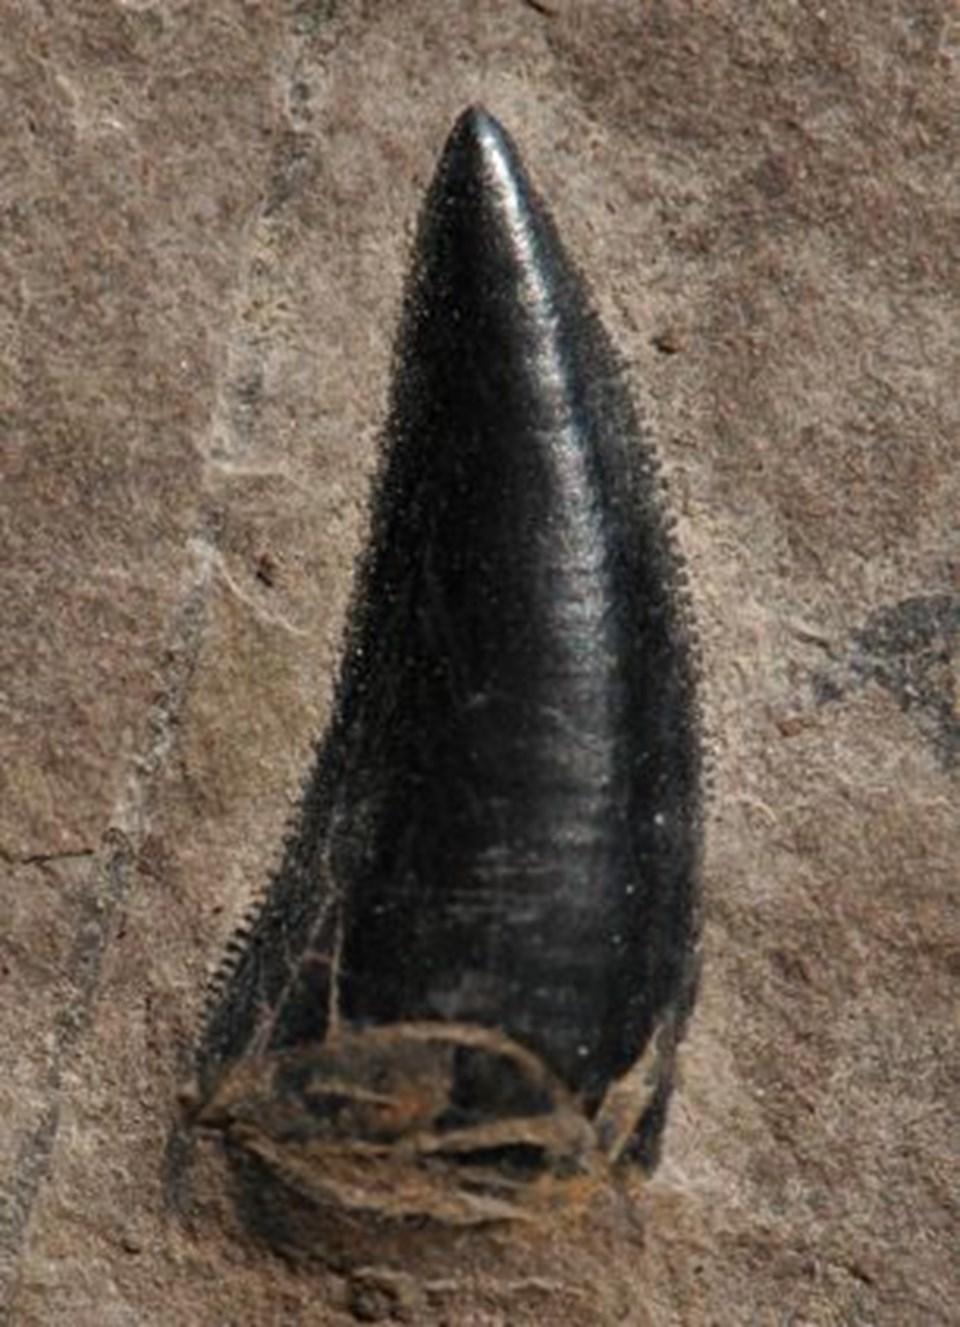 Bir çok dinozor türüyle doğrudan akraba olan Archosaurus'a ait bir diş.